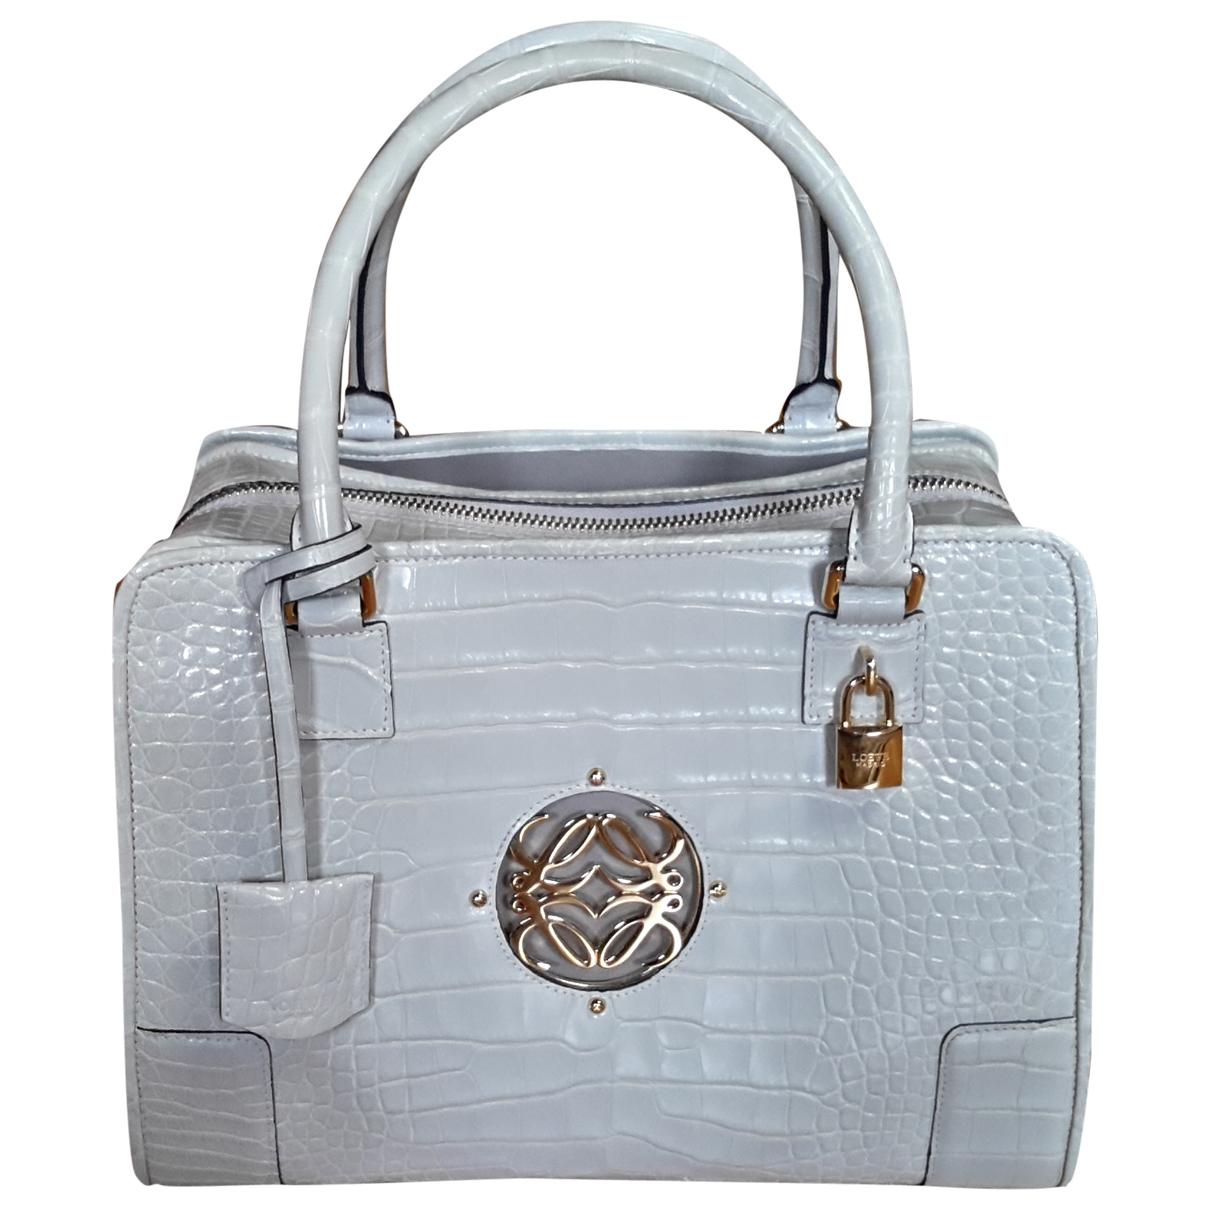 Loewe Amazona Handtasche in  Grau Exotenleder